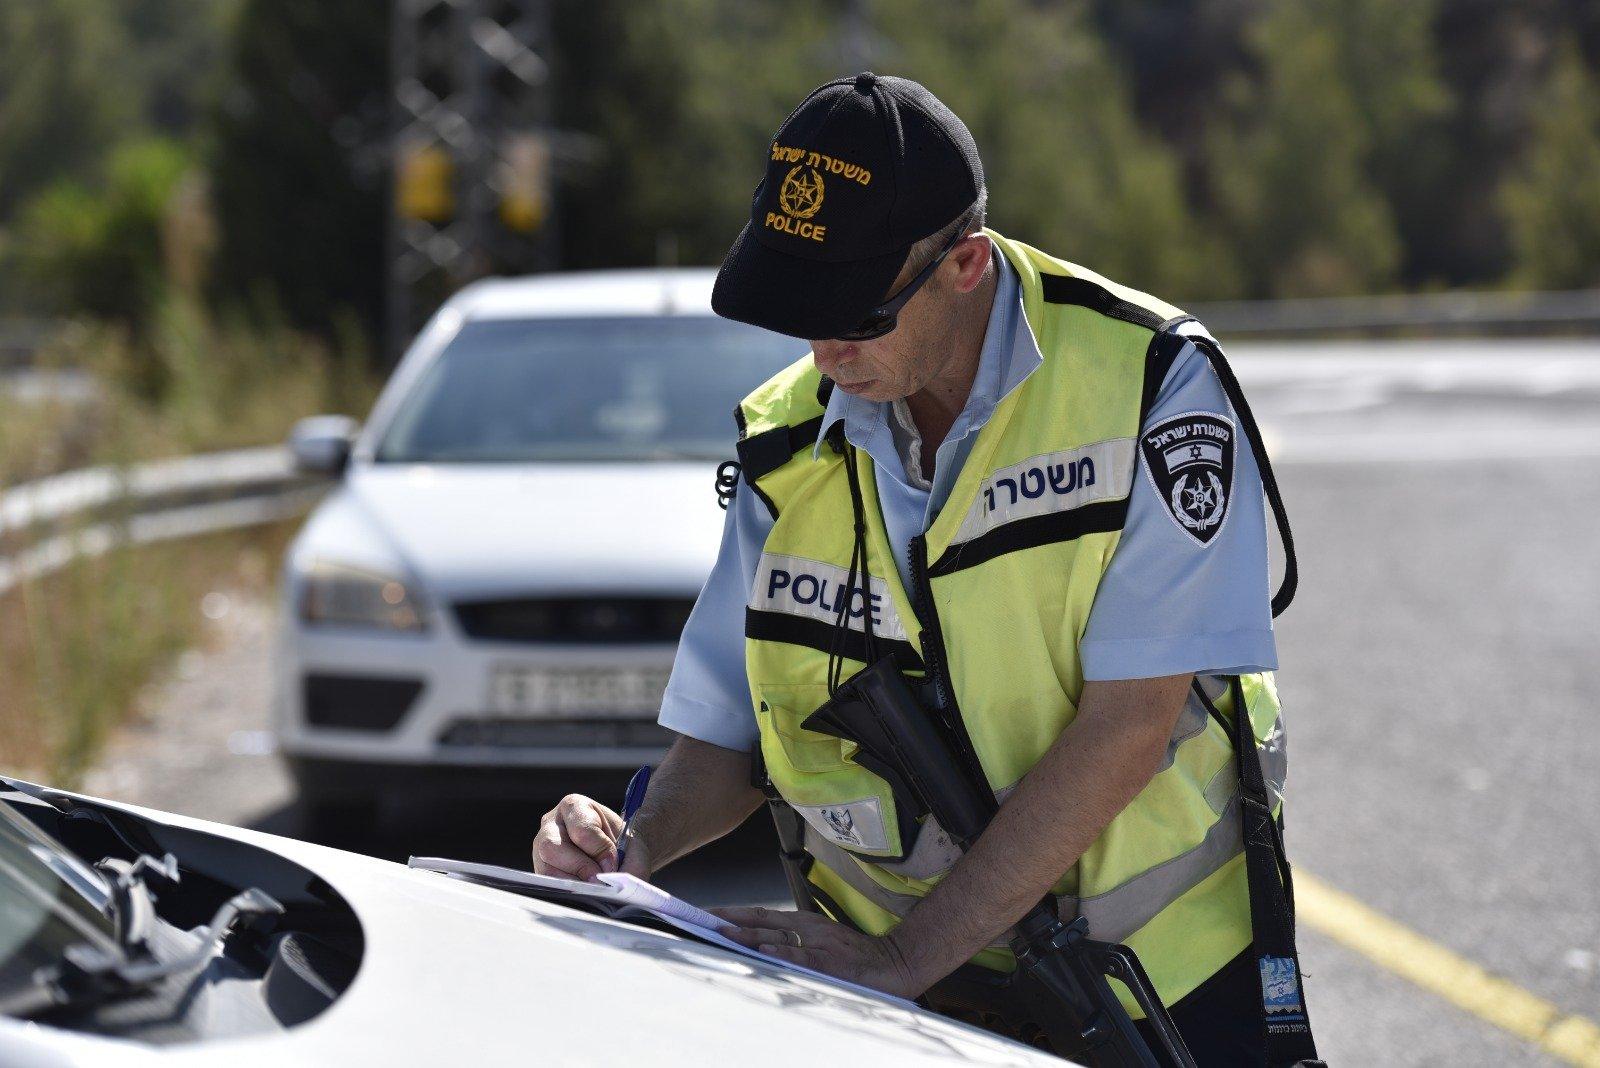 شاهدوا كيف يقوم عناصر الشرطة بتصويركم أثناء القيادة .. تحرير مئات المخالفات